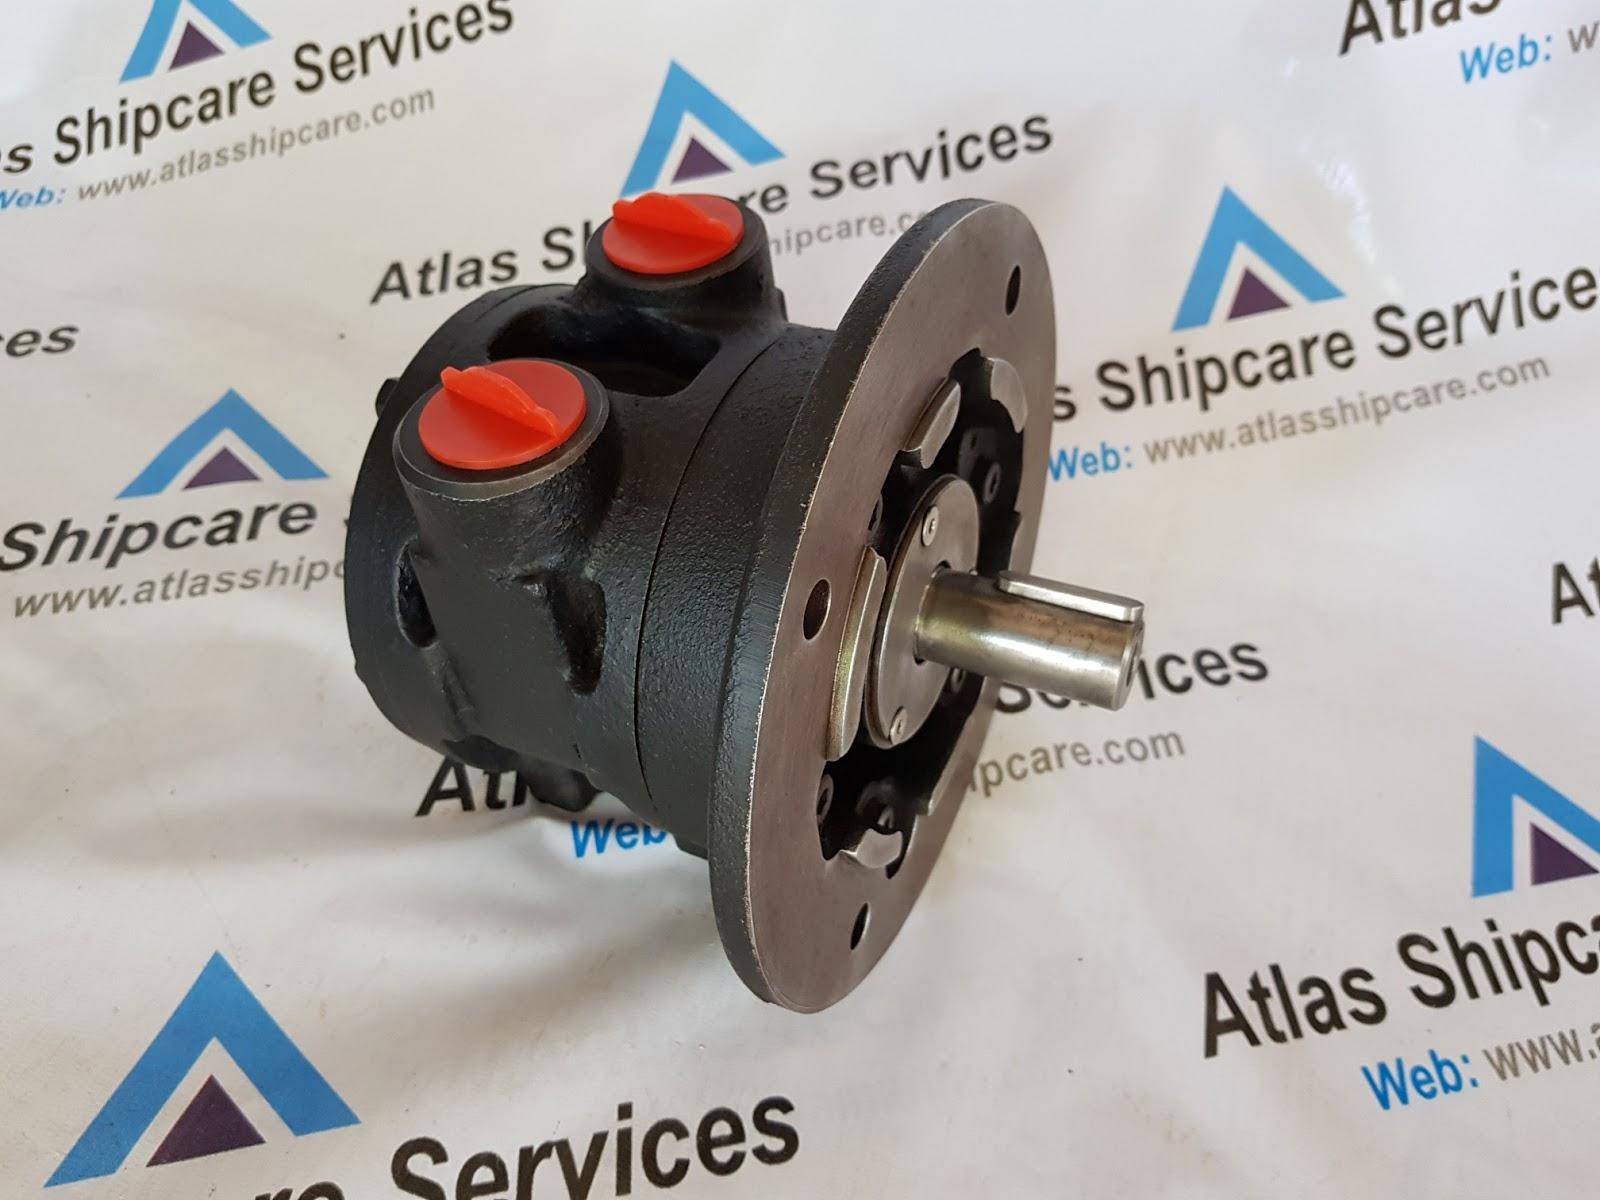 hight resolution of gast air motor 8am nrv 70